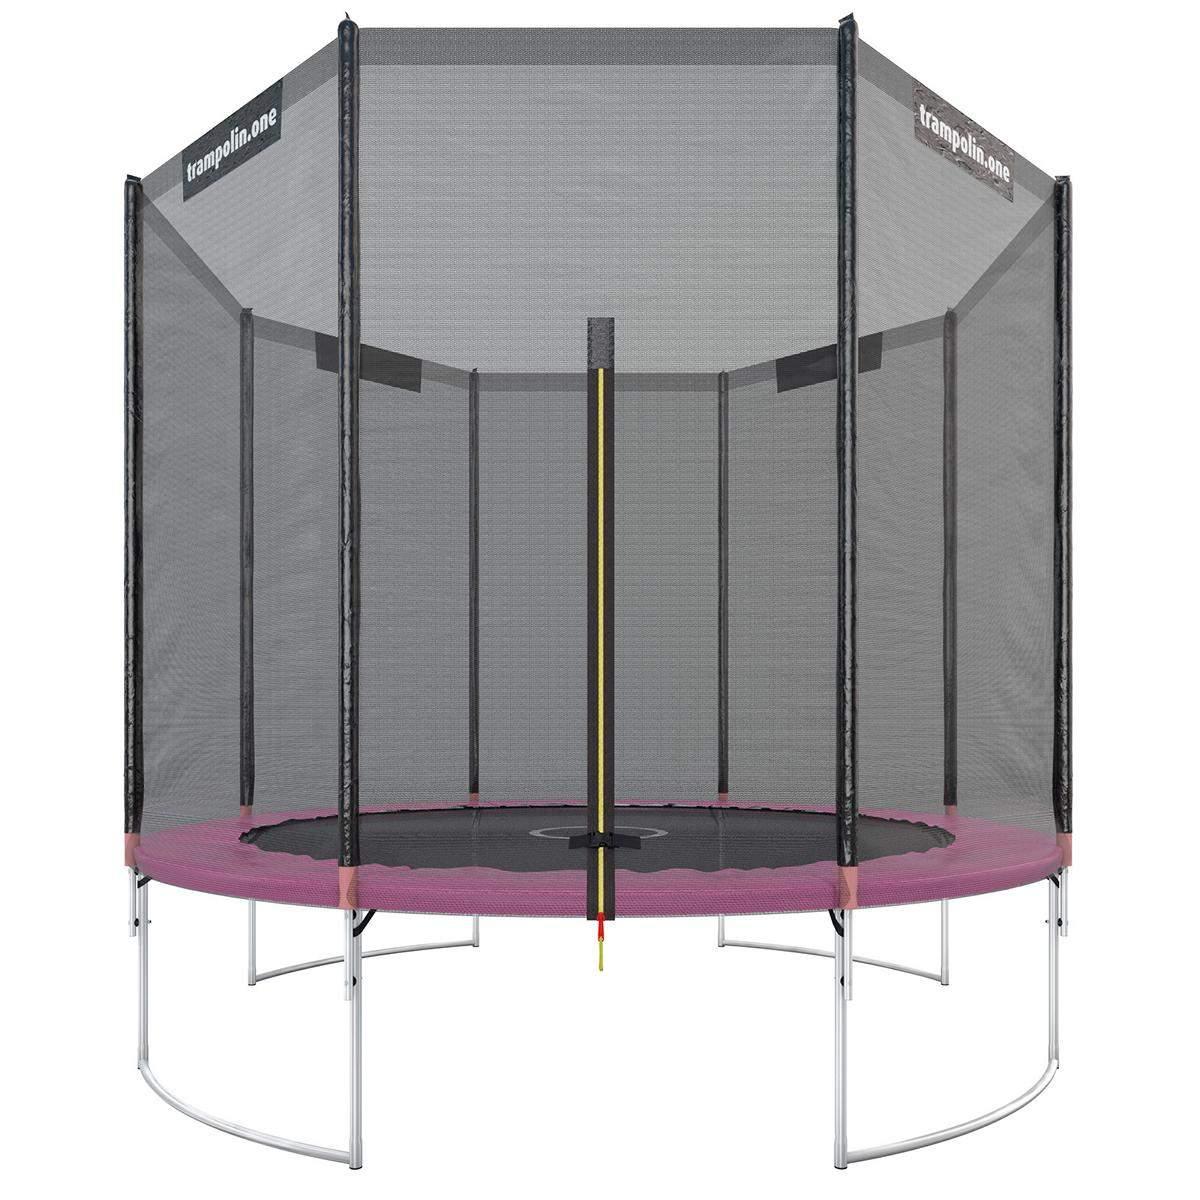 Trampolin starter 305 pink mit Sicherheitsnetz Bild 1